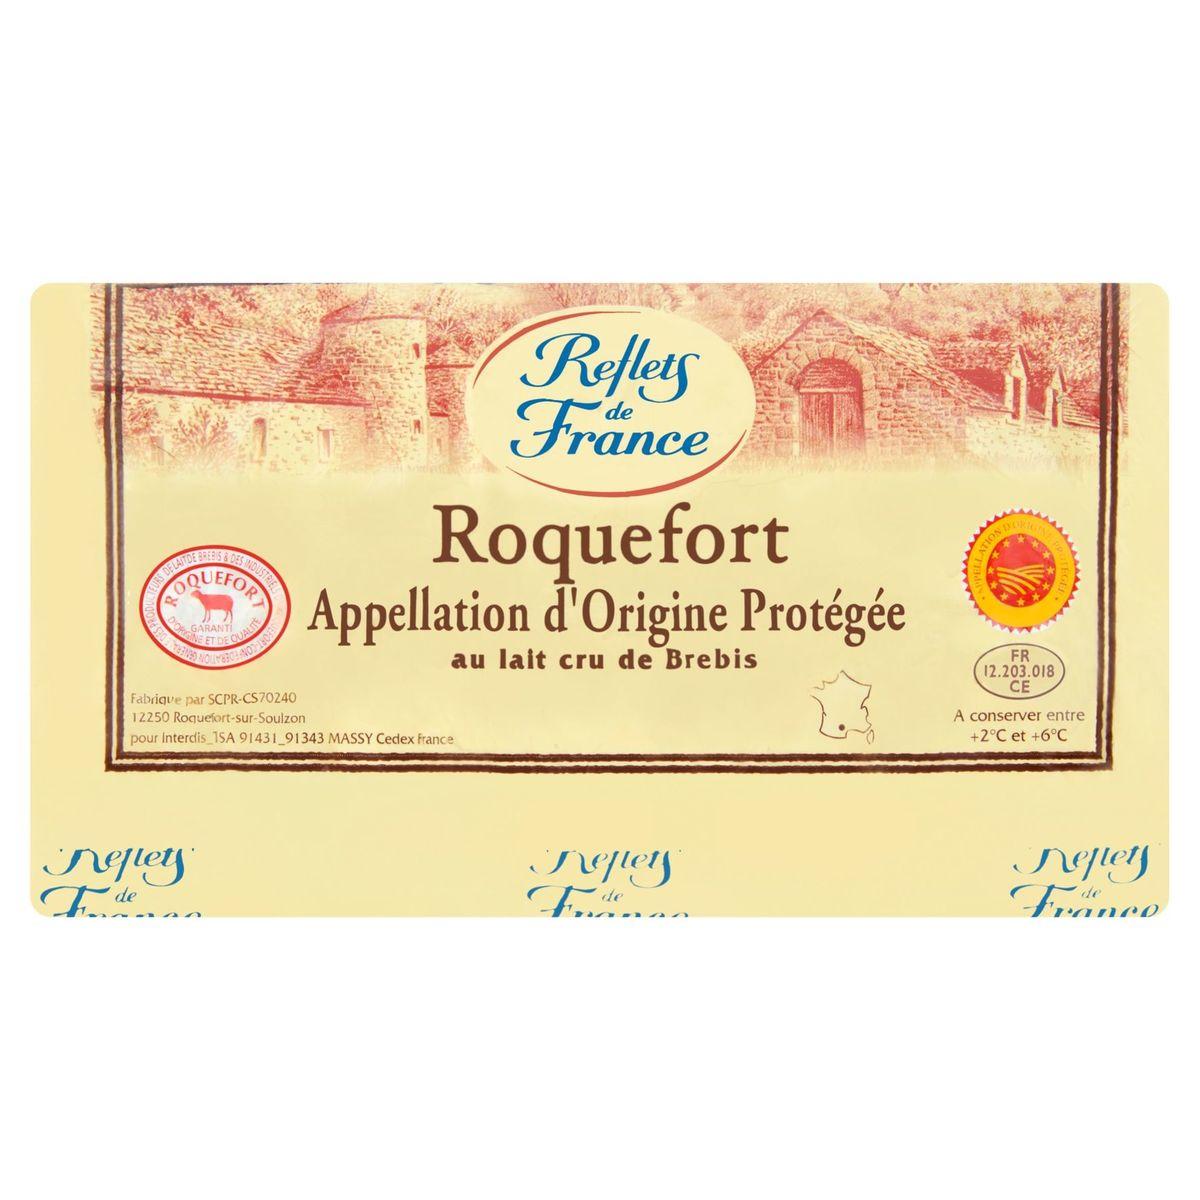 Reflets de France Roquefort au Lait Cru de Brebis 1.446 kg